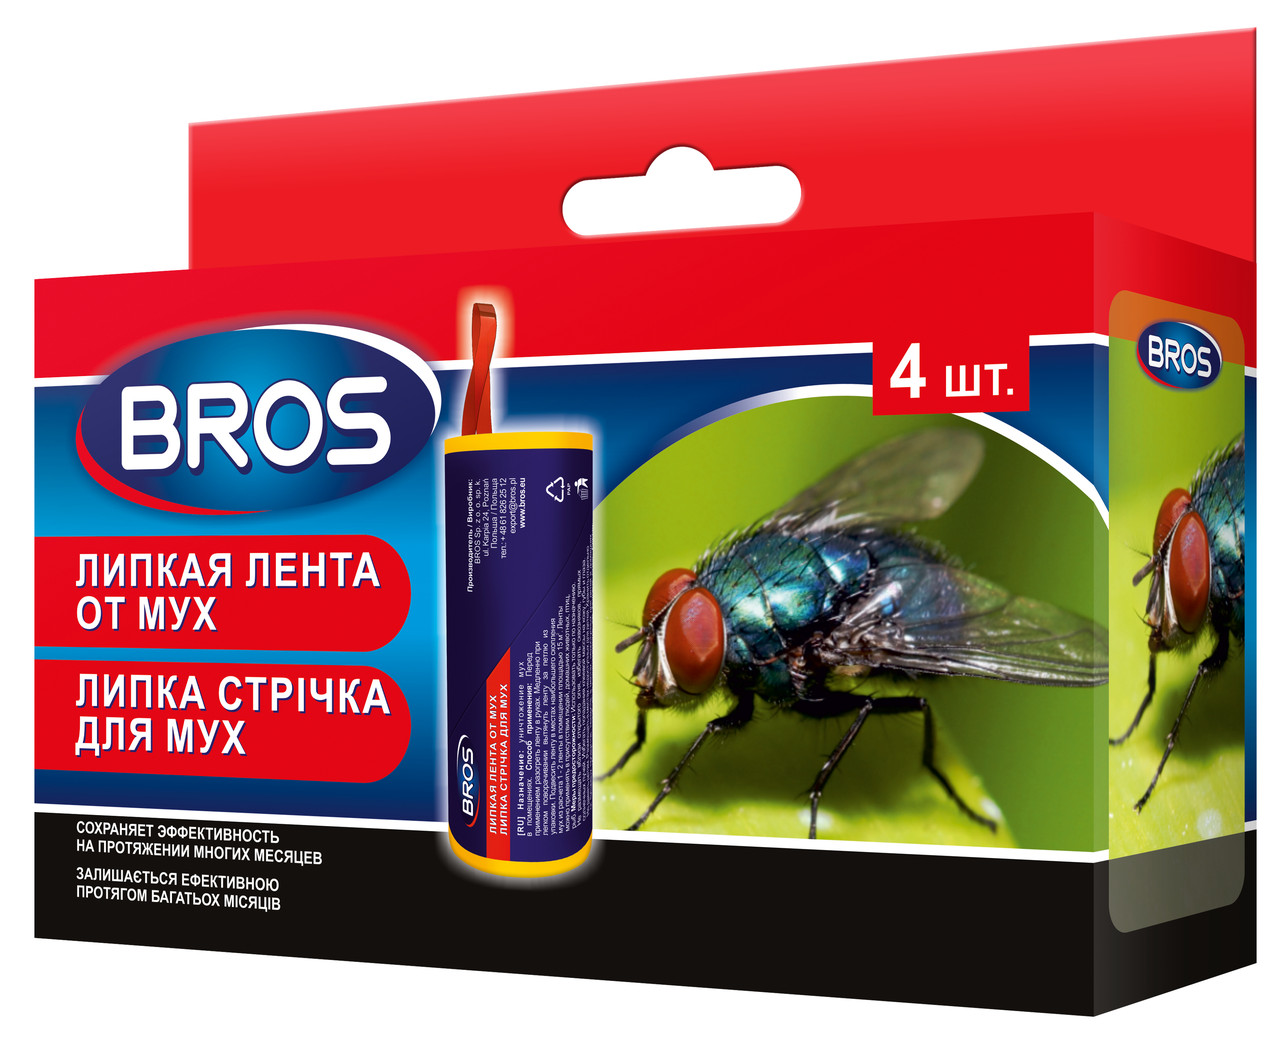 Липкая лента от мух - раптор, диптер, фумитокс и другие, цена и состав, как сделать своими руками?